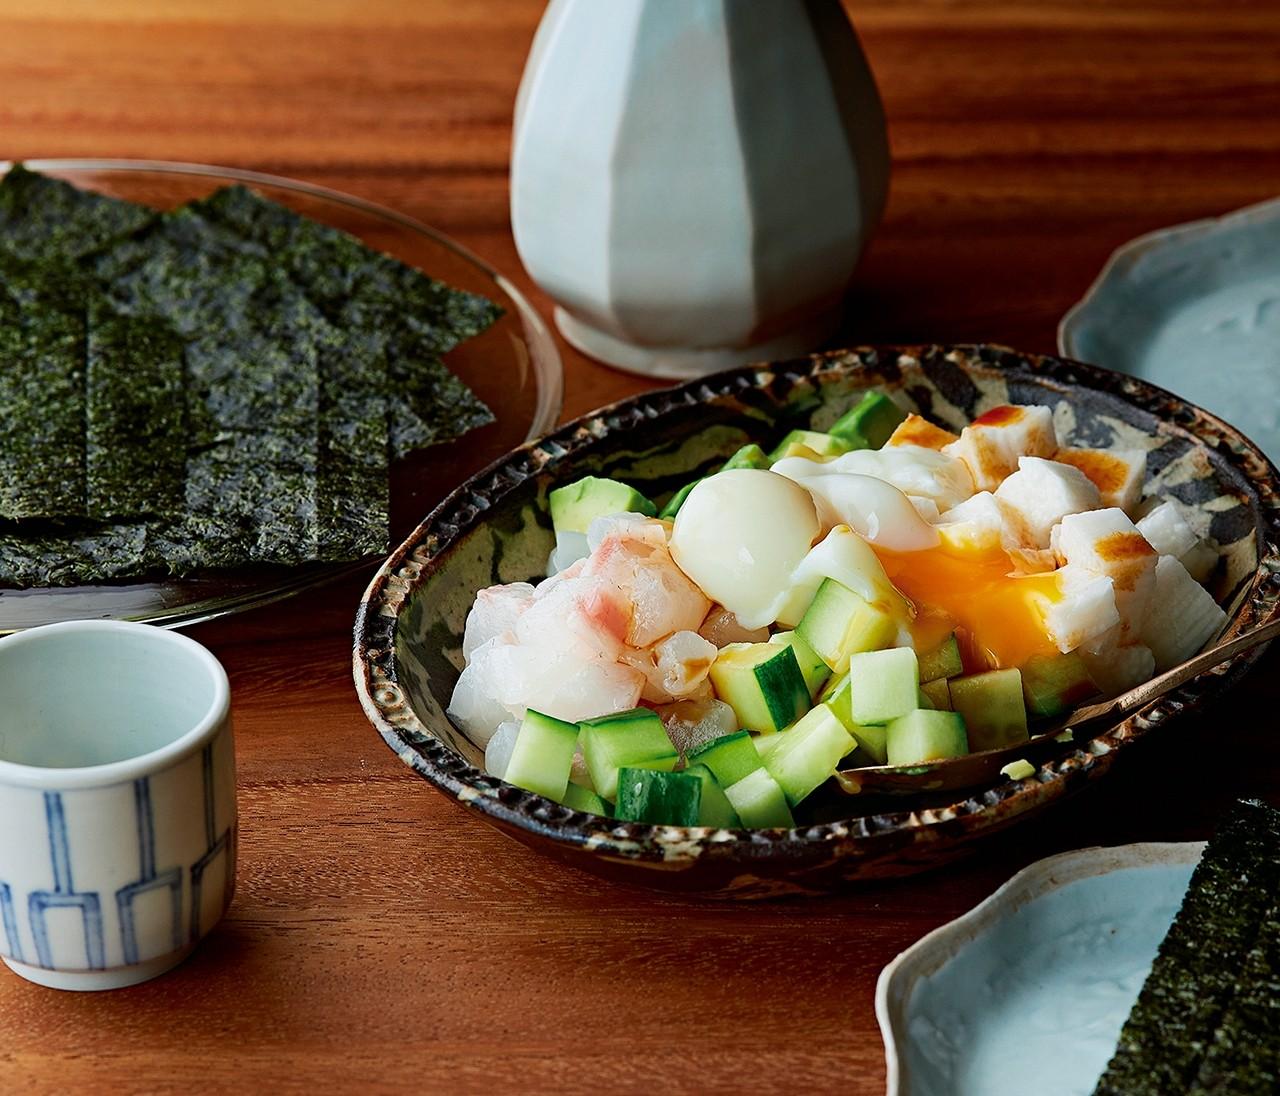 日本酒に合う♡簡単おいしいおつまみレシピ3品【ツレヅレハナコさんの冬の宅飲みレシピ】